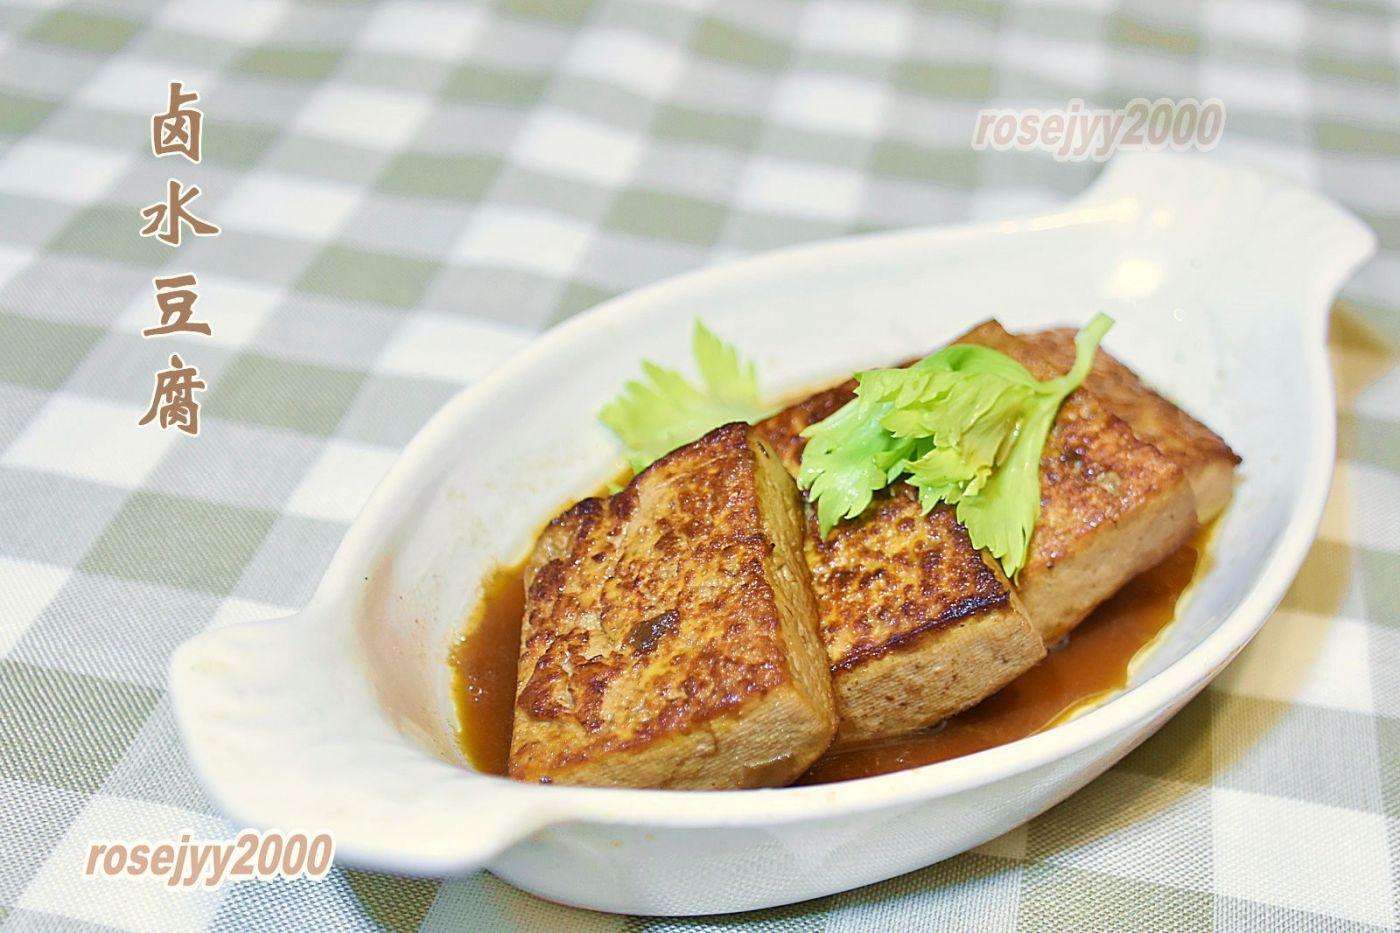 茶叶卤水豆腐_图1-1